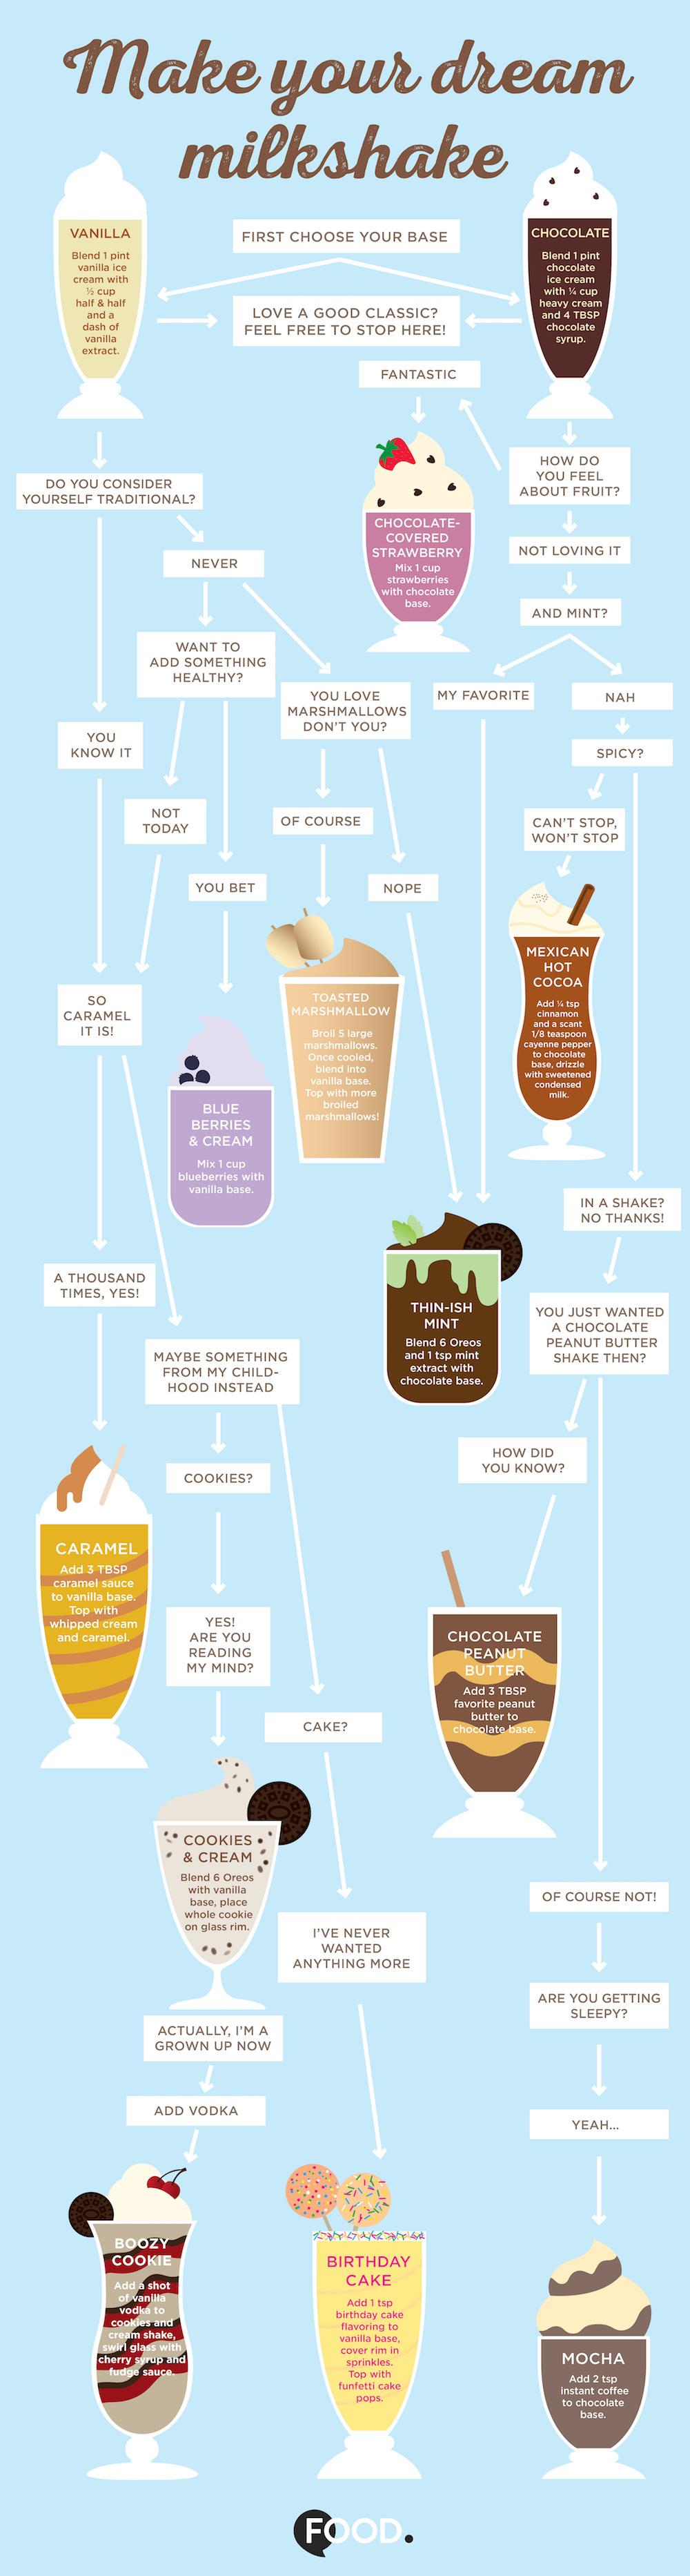 Make Your Dream Milkshake